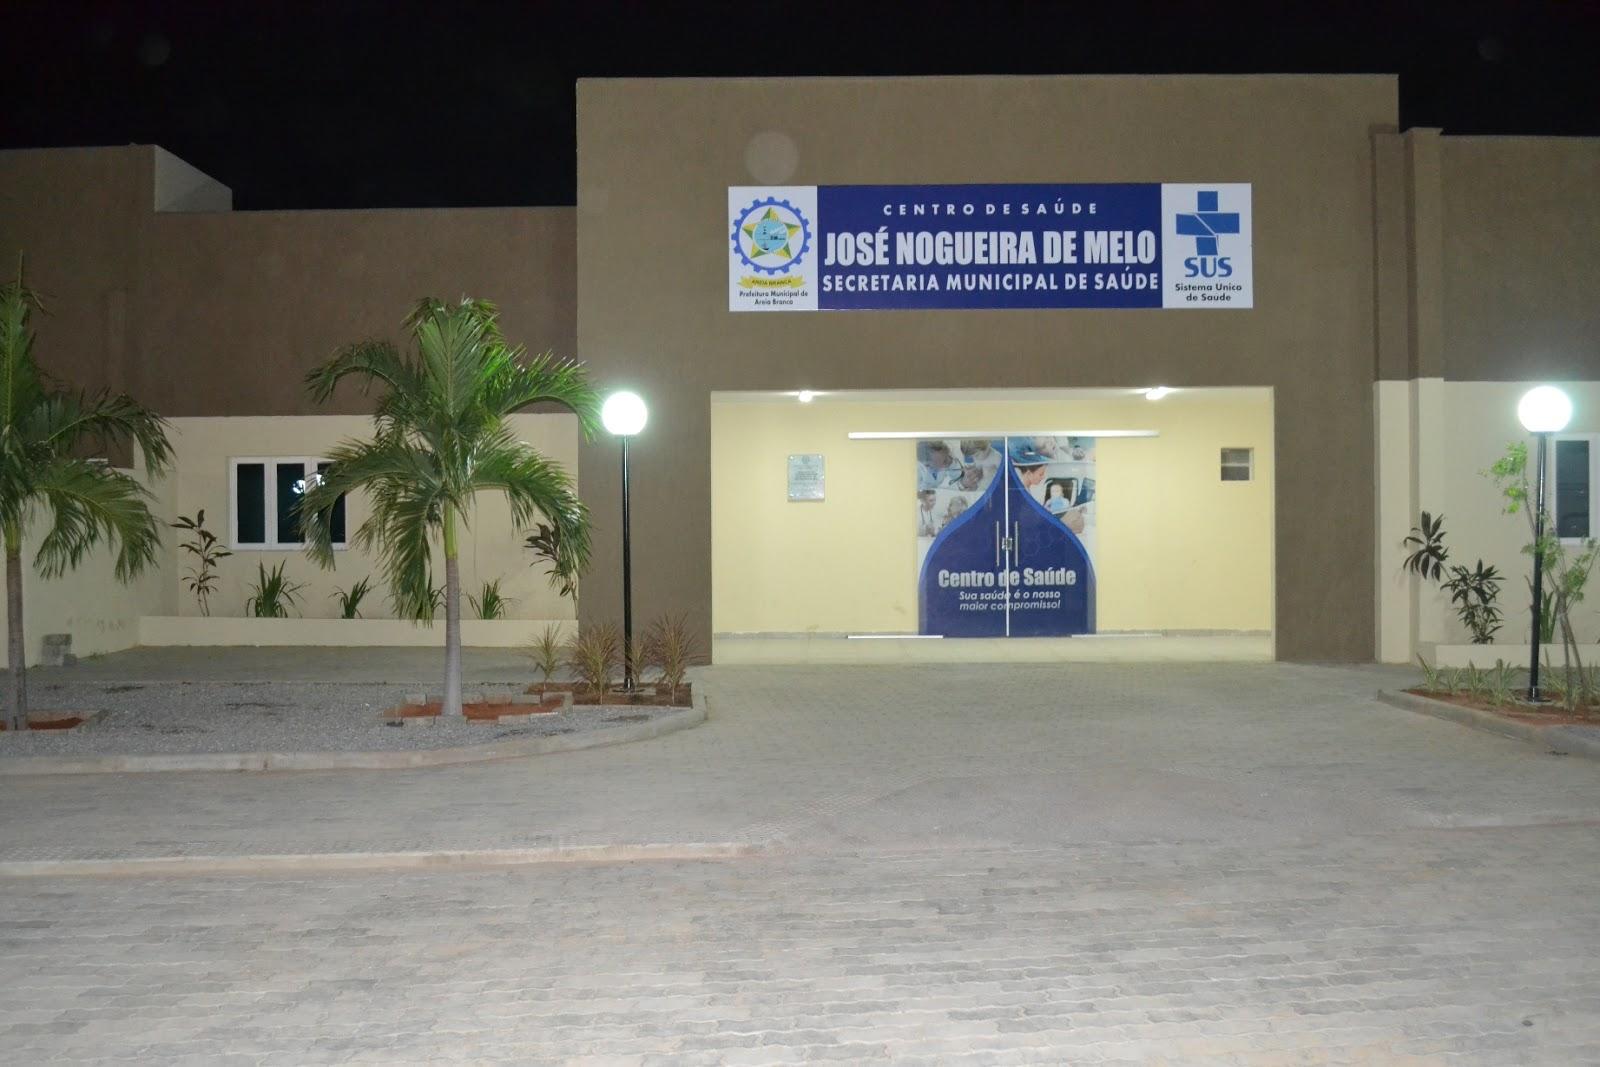 Atividades da semana iniciam hoje, no Centro de Saúde José Nogueira de Melo  (Foto: Reprodução/Erivan Silva)